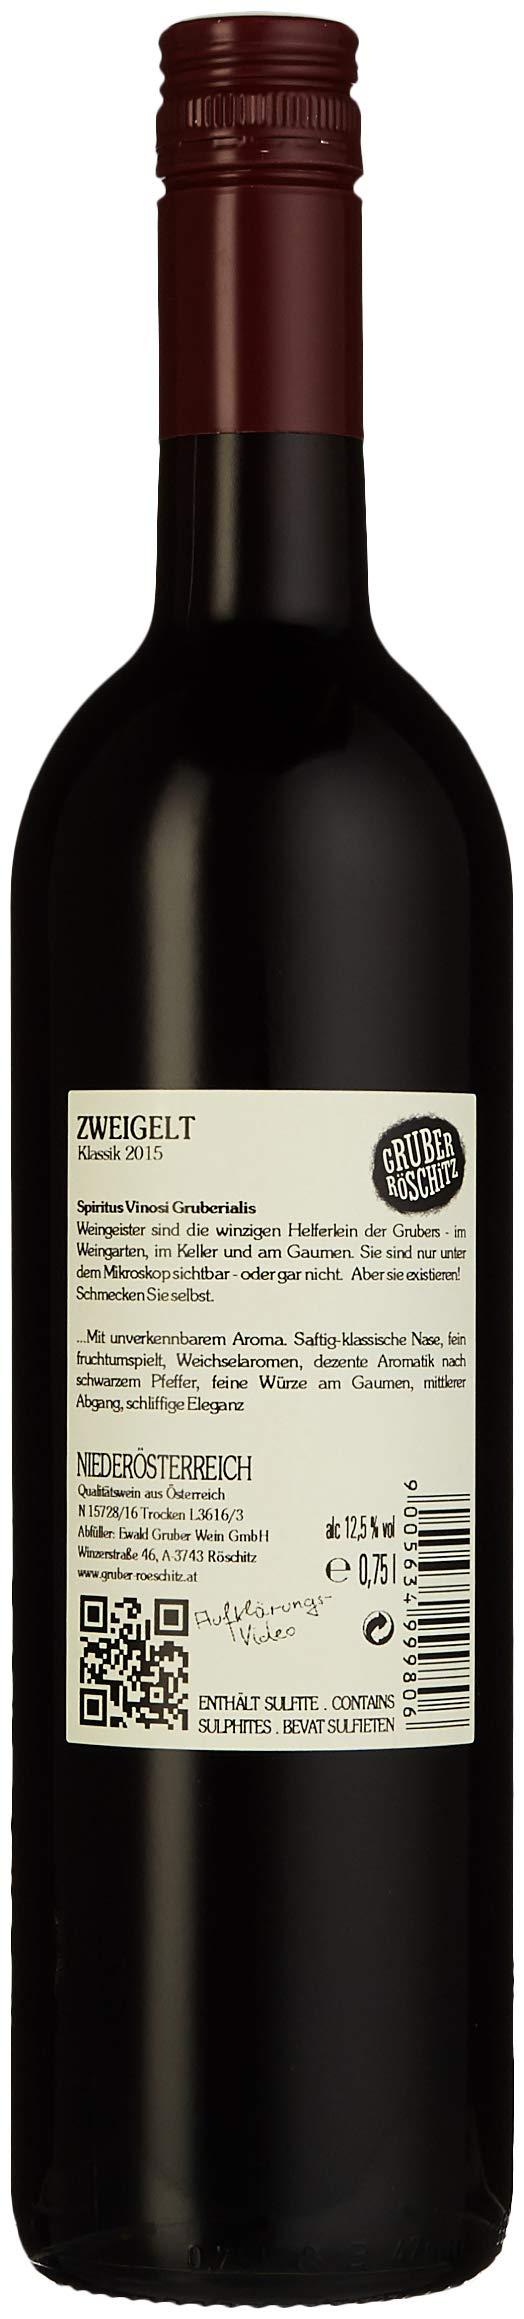 Ewald-Gruber-Blauer-Zweigelt-Rschitz-2015-trocken-3-x-075-l